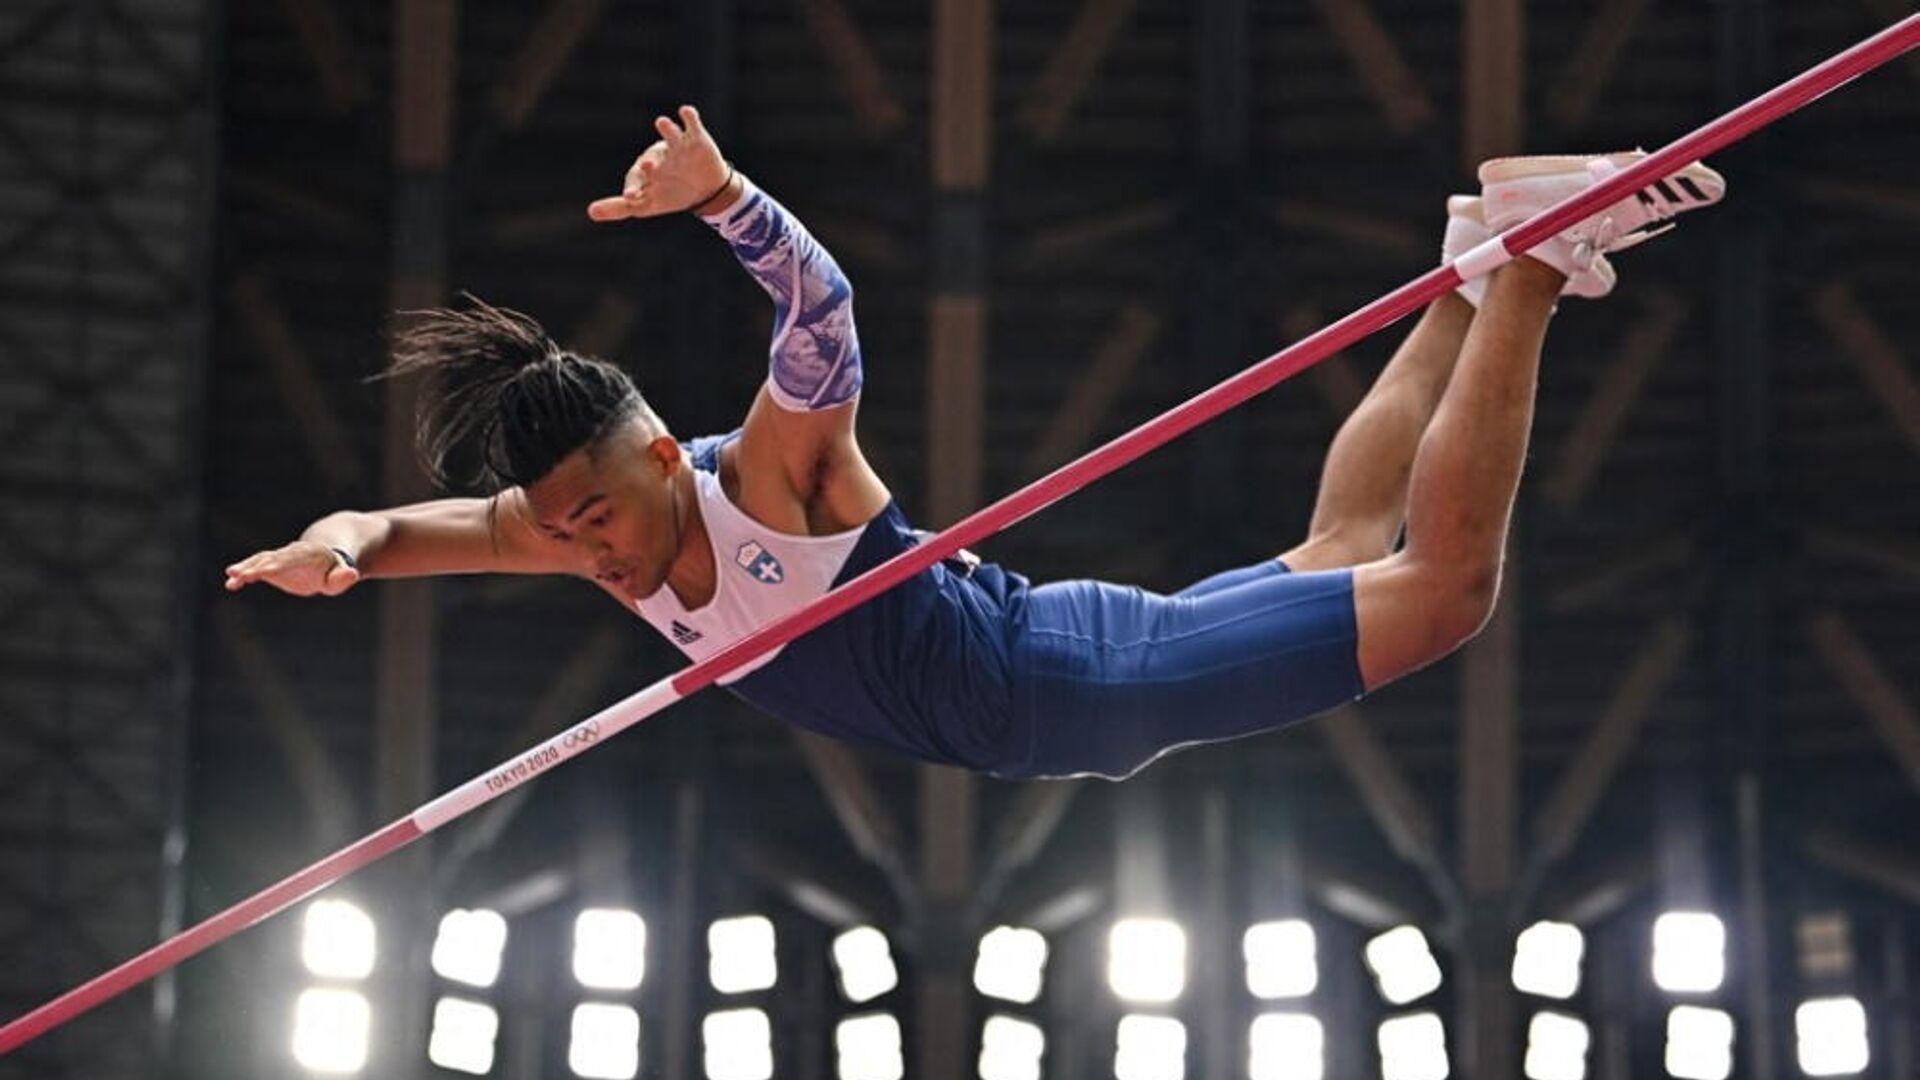 Ο Εμμανουήλ Καραλής στους Ολυμπιακούς Αγώνες του Τόκιο, 31 Ιουλίου 2021 - Sputnik Ελλάδα, 1920, 31.07.2021